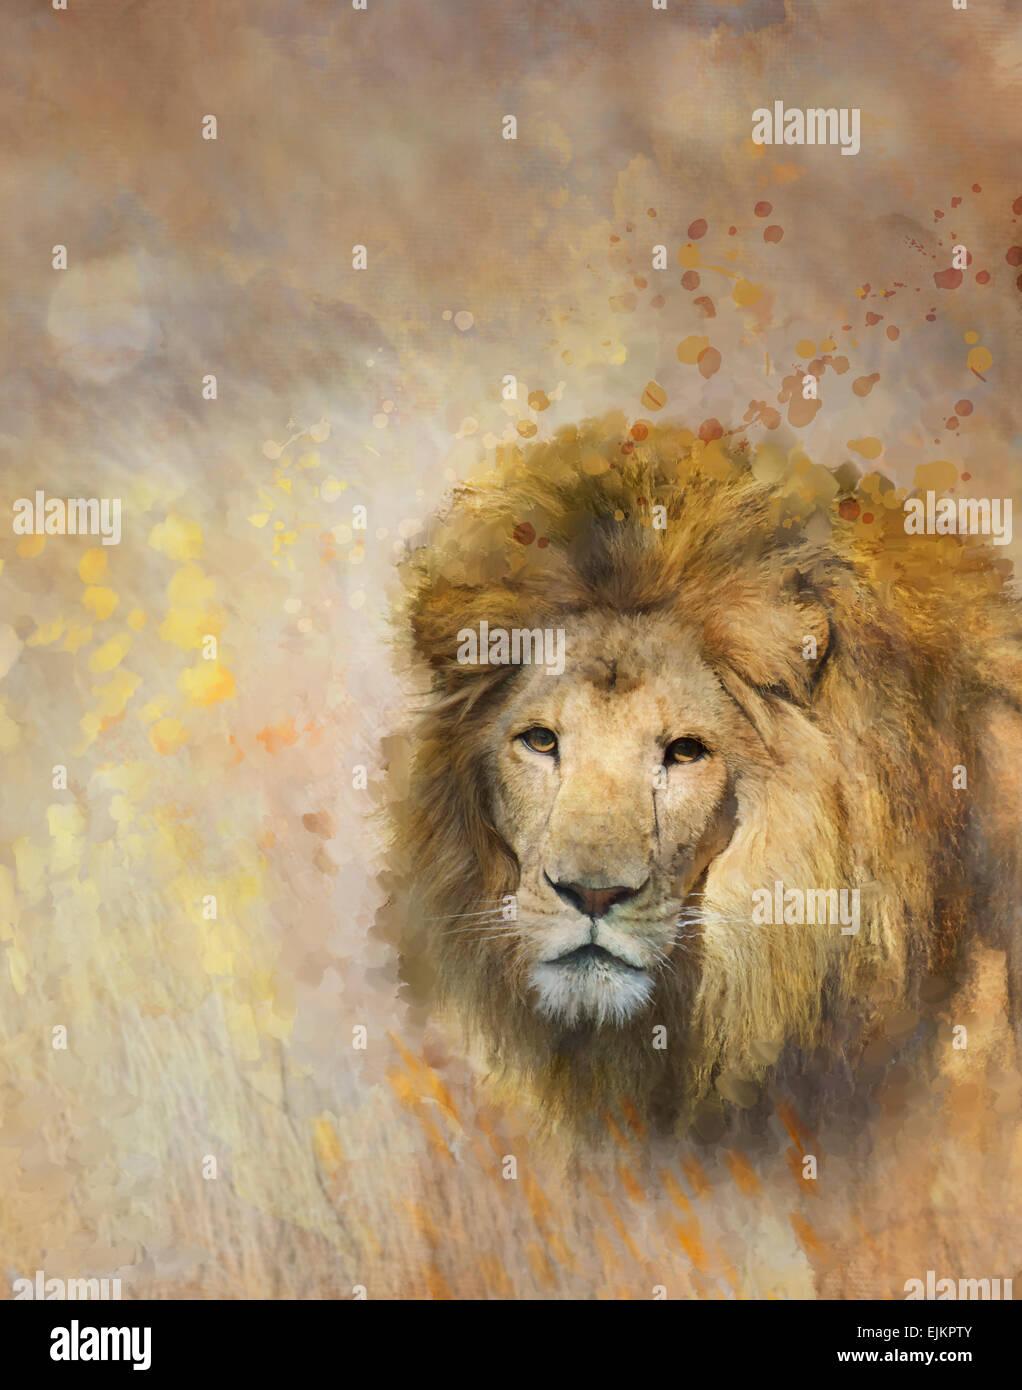 Peinture numérique de l'African Lion Photo Stock